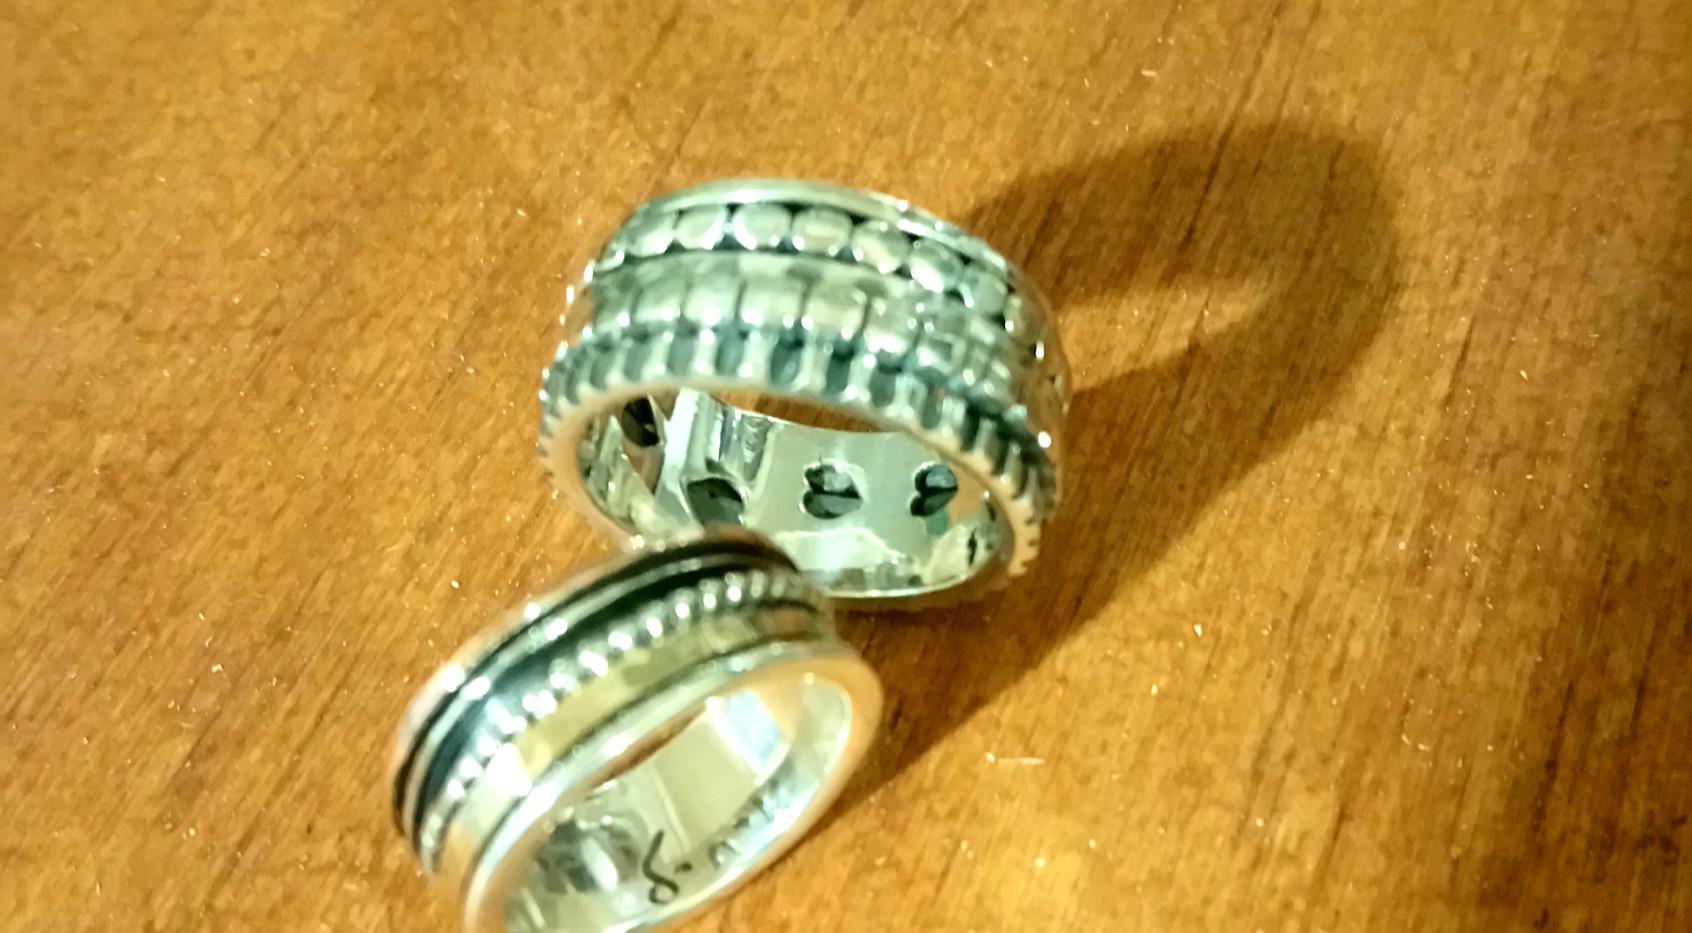 Elle & Lui anneaux mixte, parfait accords. Idéale pour un pacs! Anneaux de méditation argent 925, finition main. THEMA